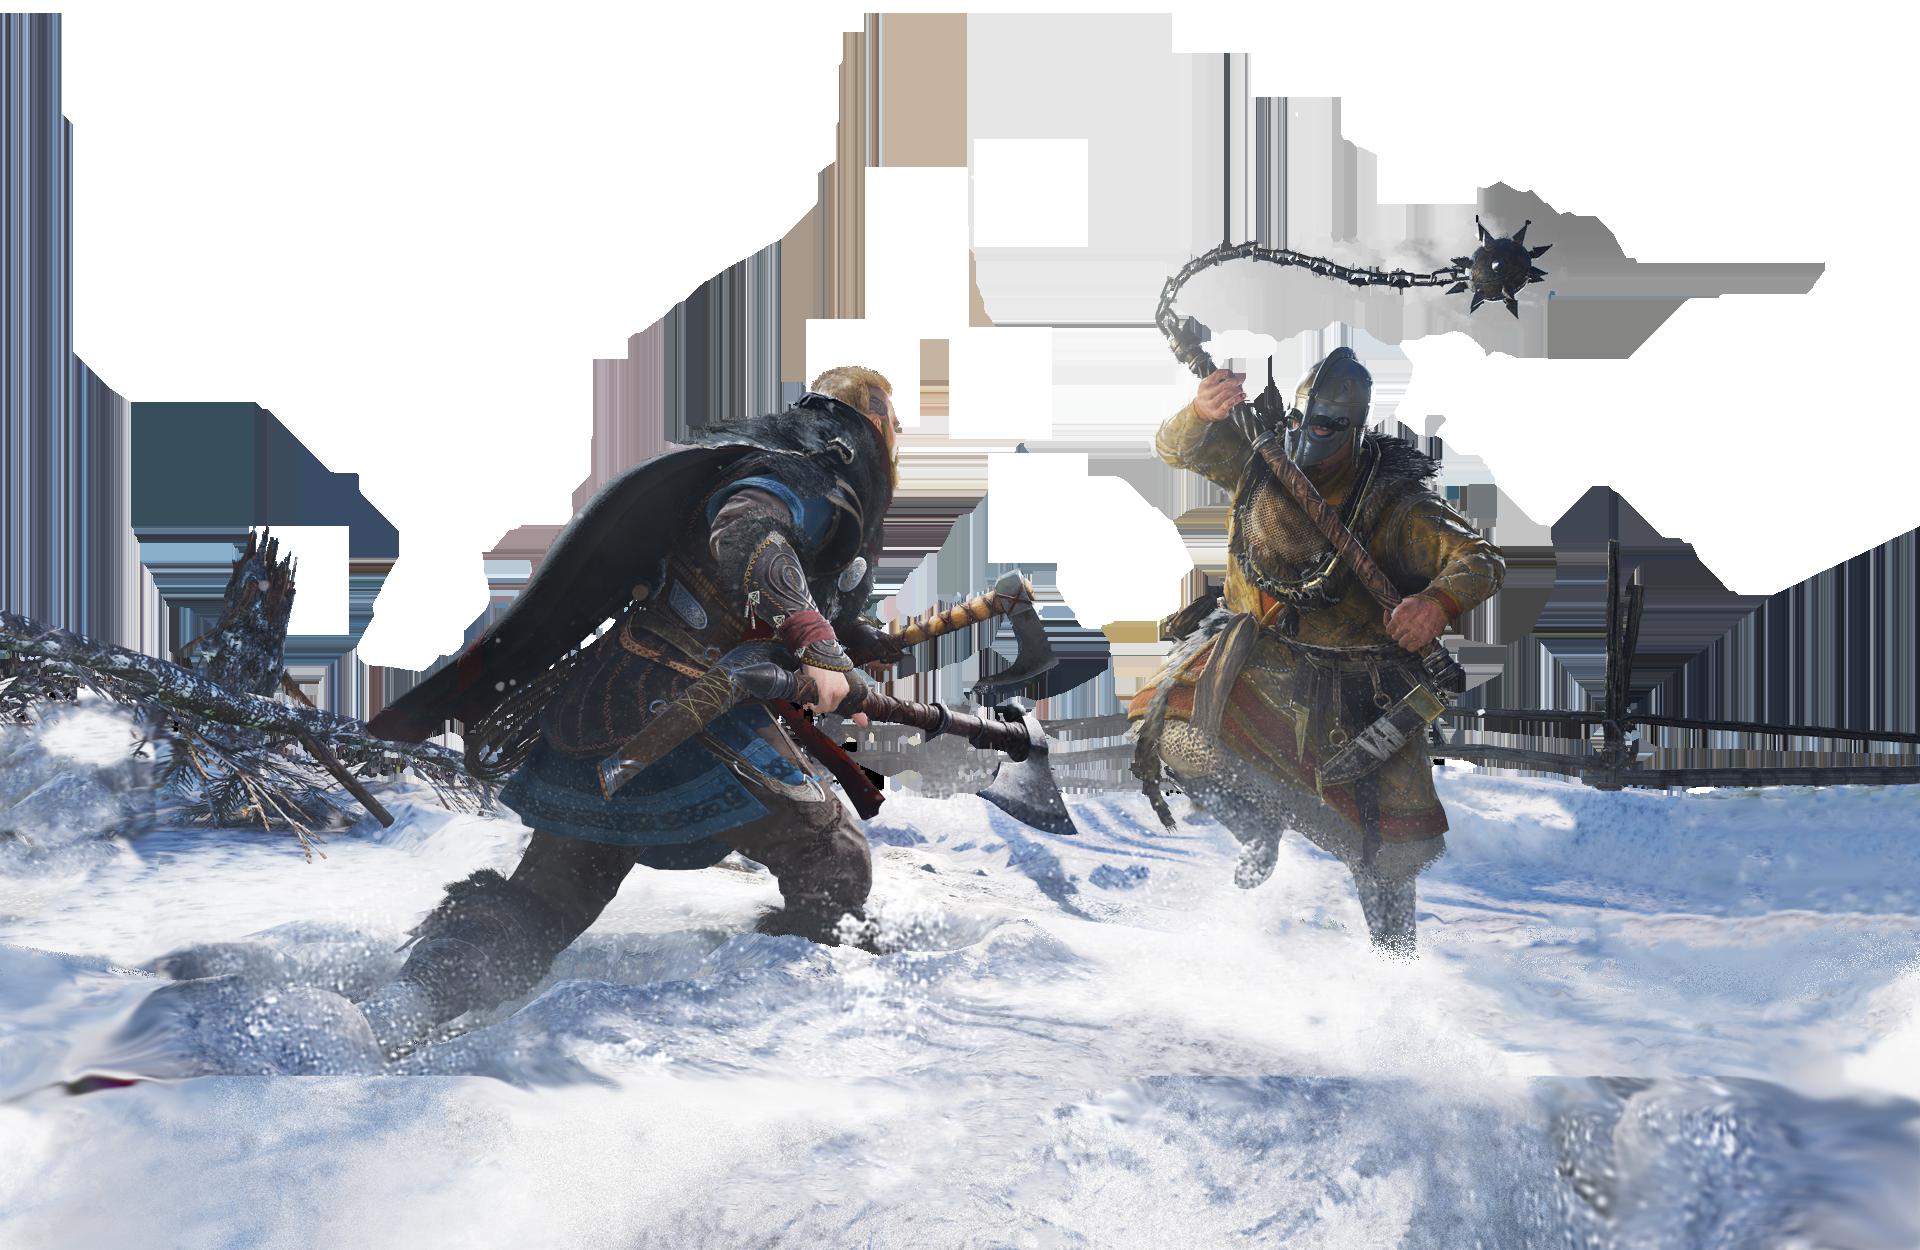 Assassin's Creed Valhalla. Eivor i kamp mod en fjende, der bærer en morgenstjerne.